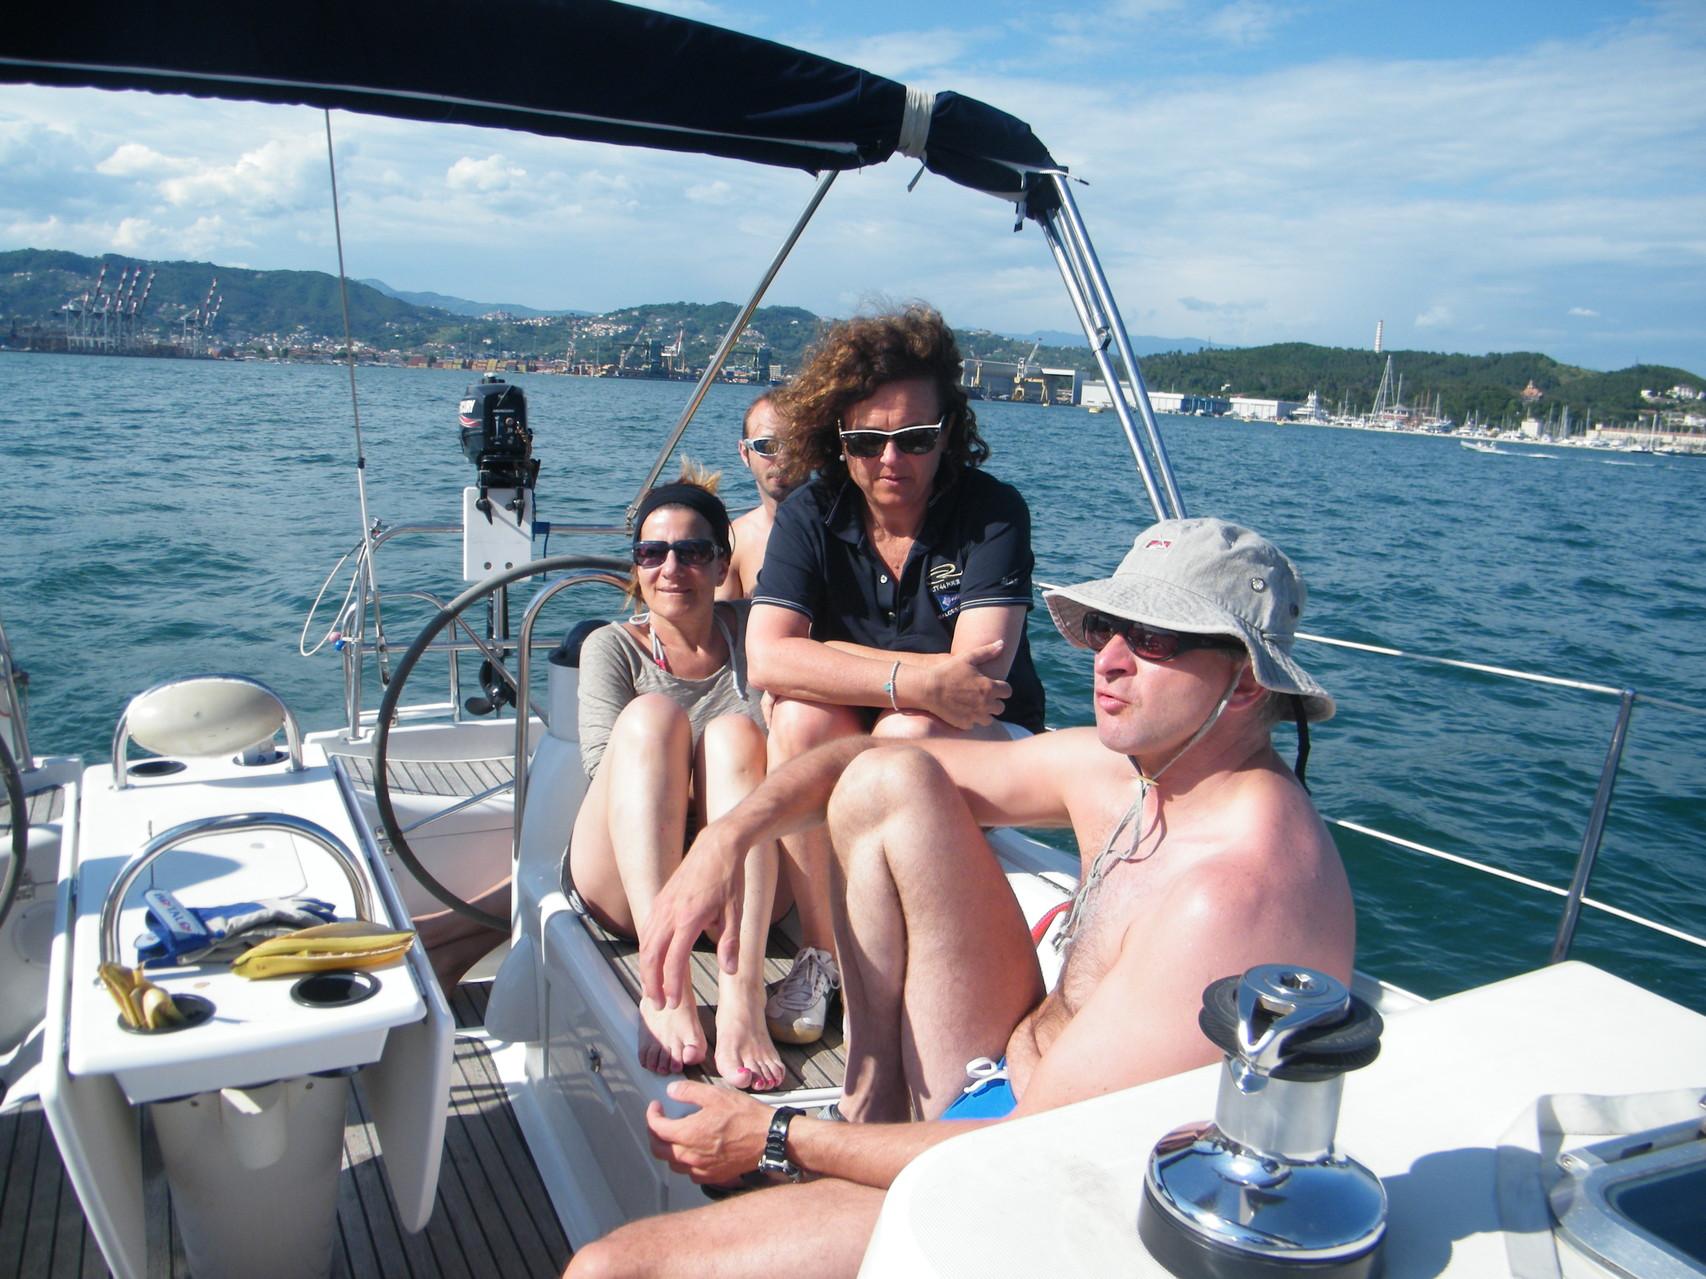 nuovi amici e nuove amiche con la vela